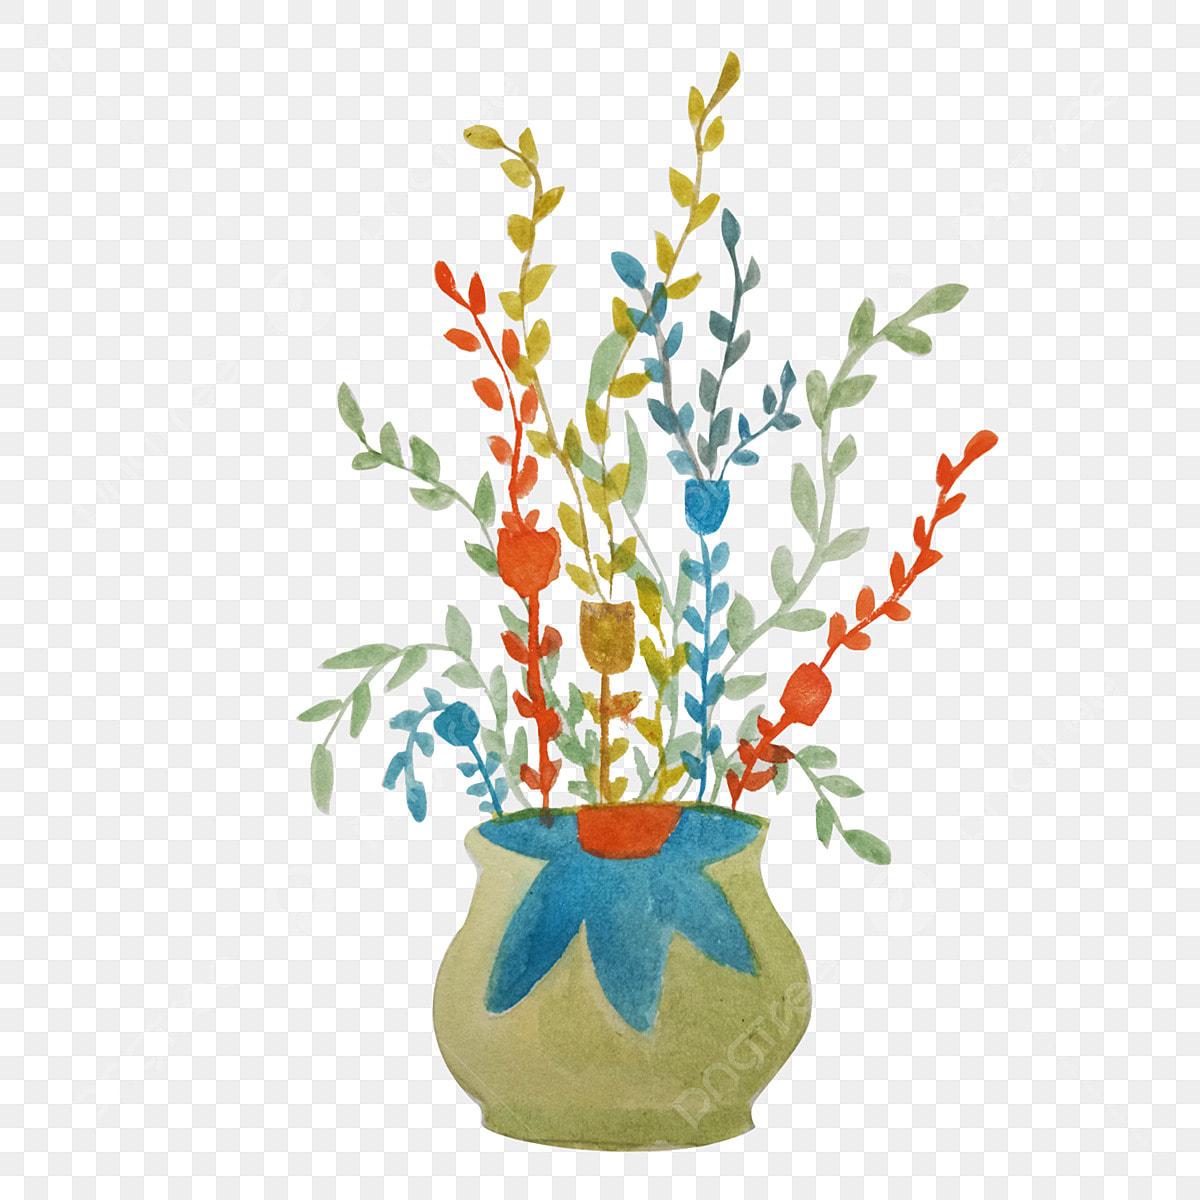 Plantas Em Vasos Coloridos Ilustracao Dos Desenhos Animados Mao